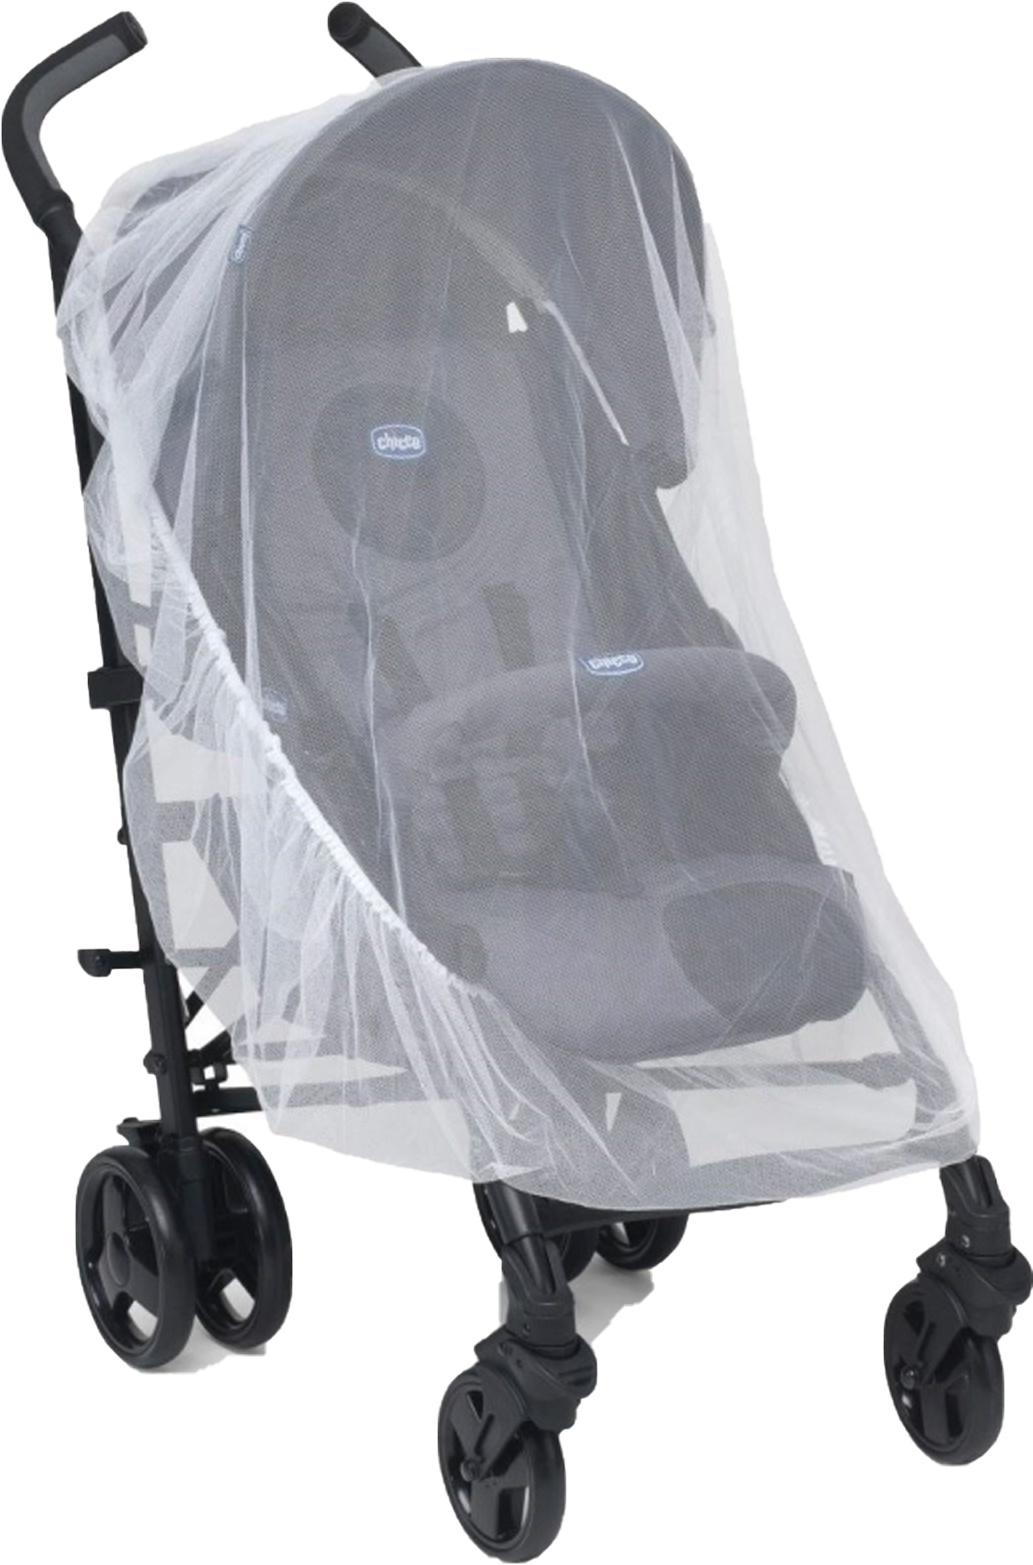 Аксессуар для колясок Chicco 63888 аксессуары для колясок витоша защитная сетка от насекомых для коляски